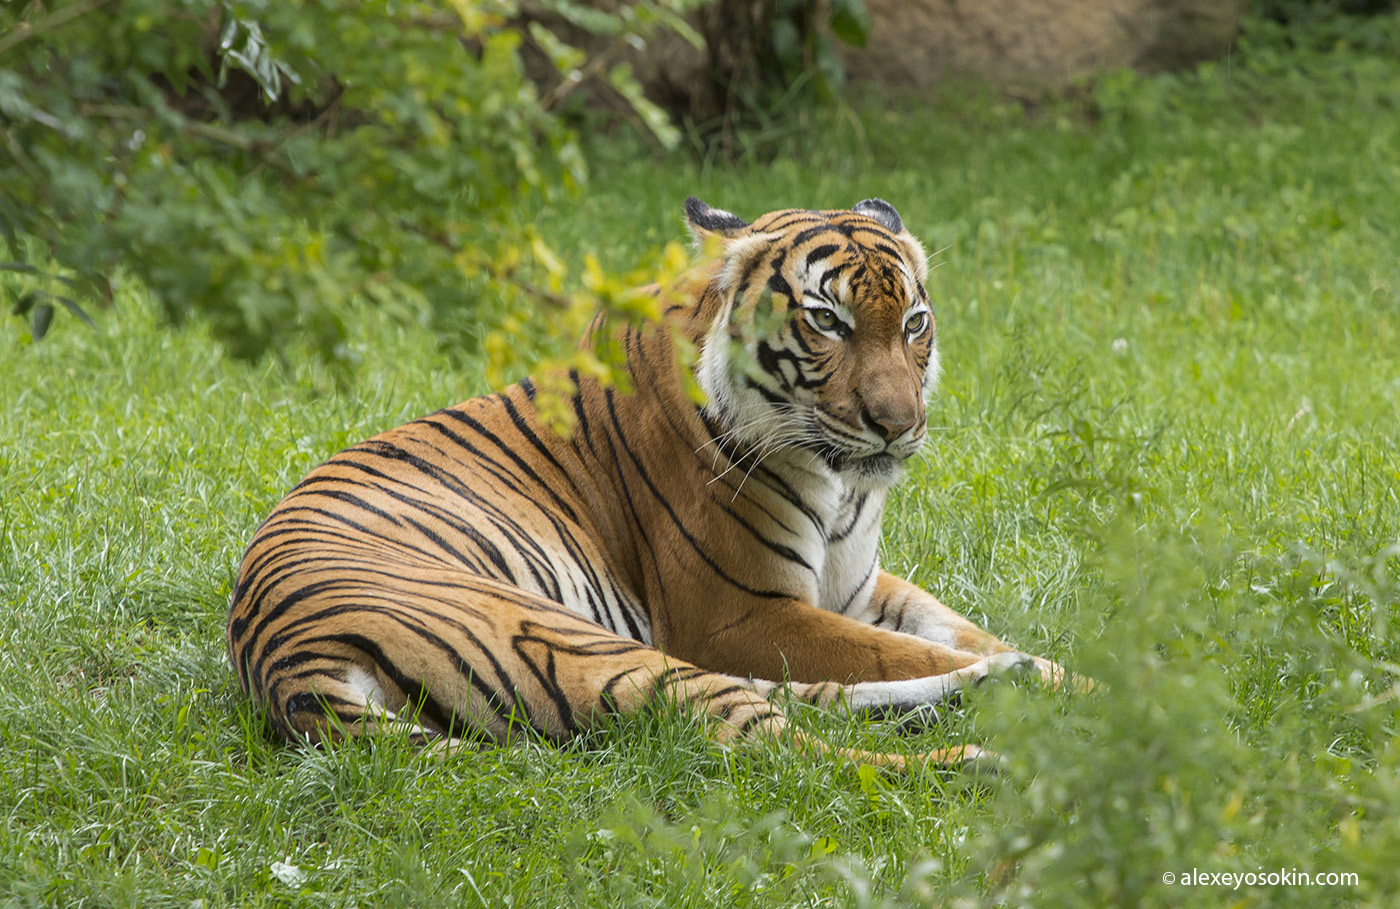 zoo_tiger_2_ao